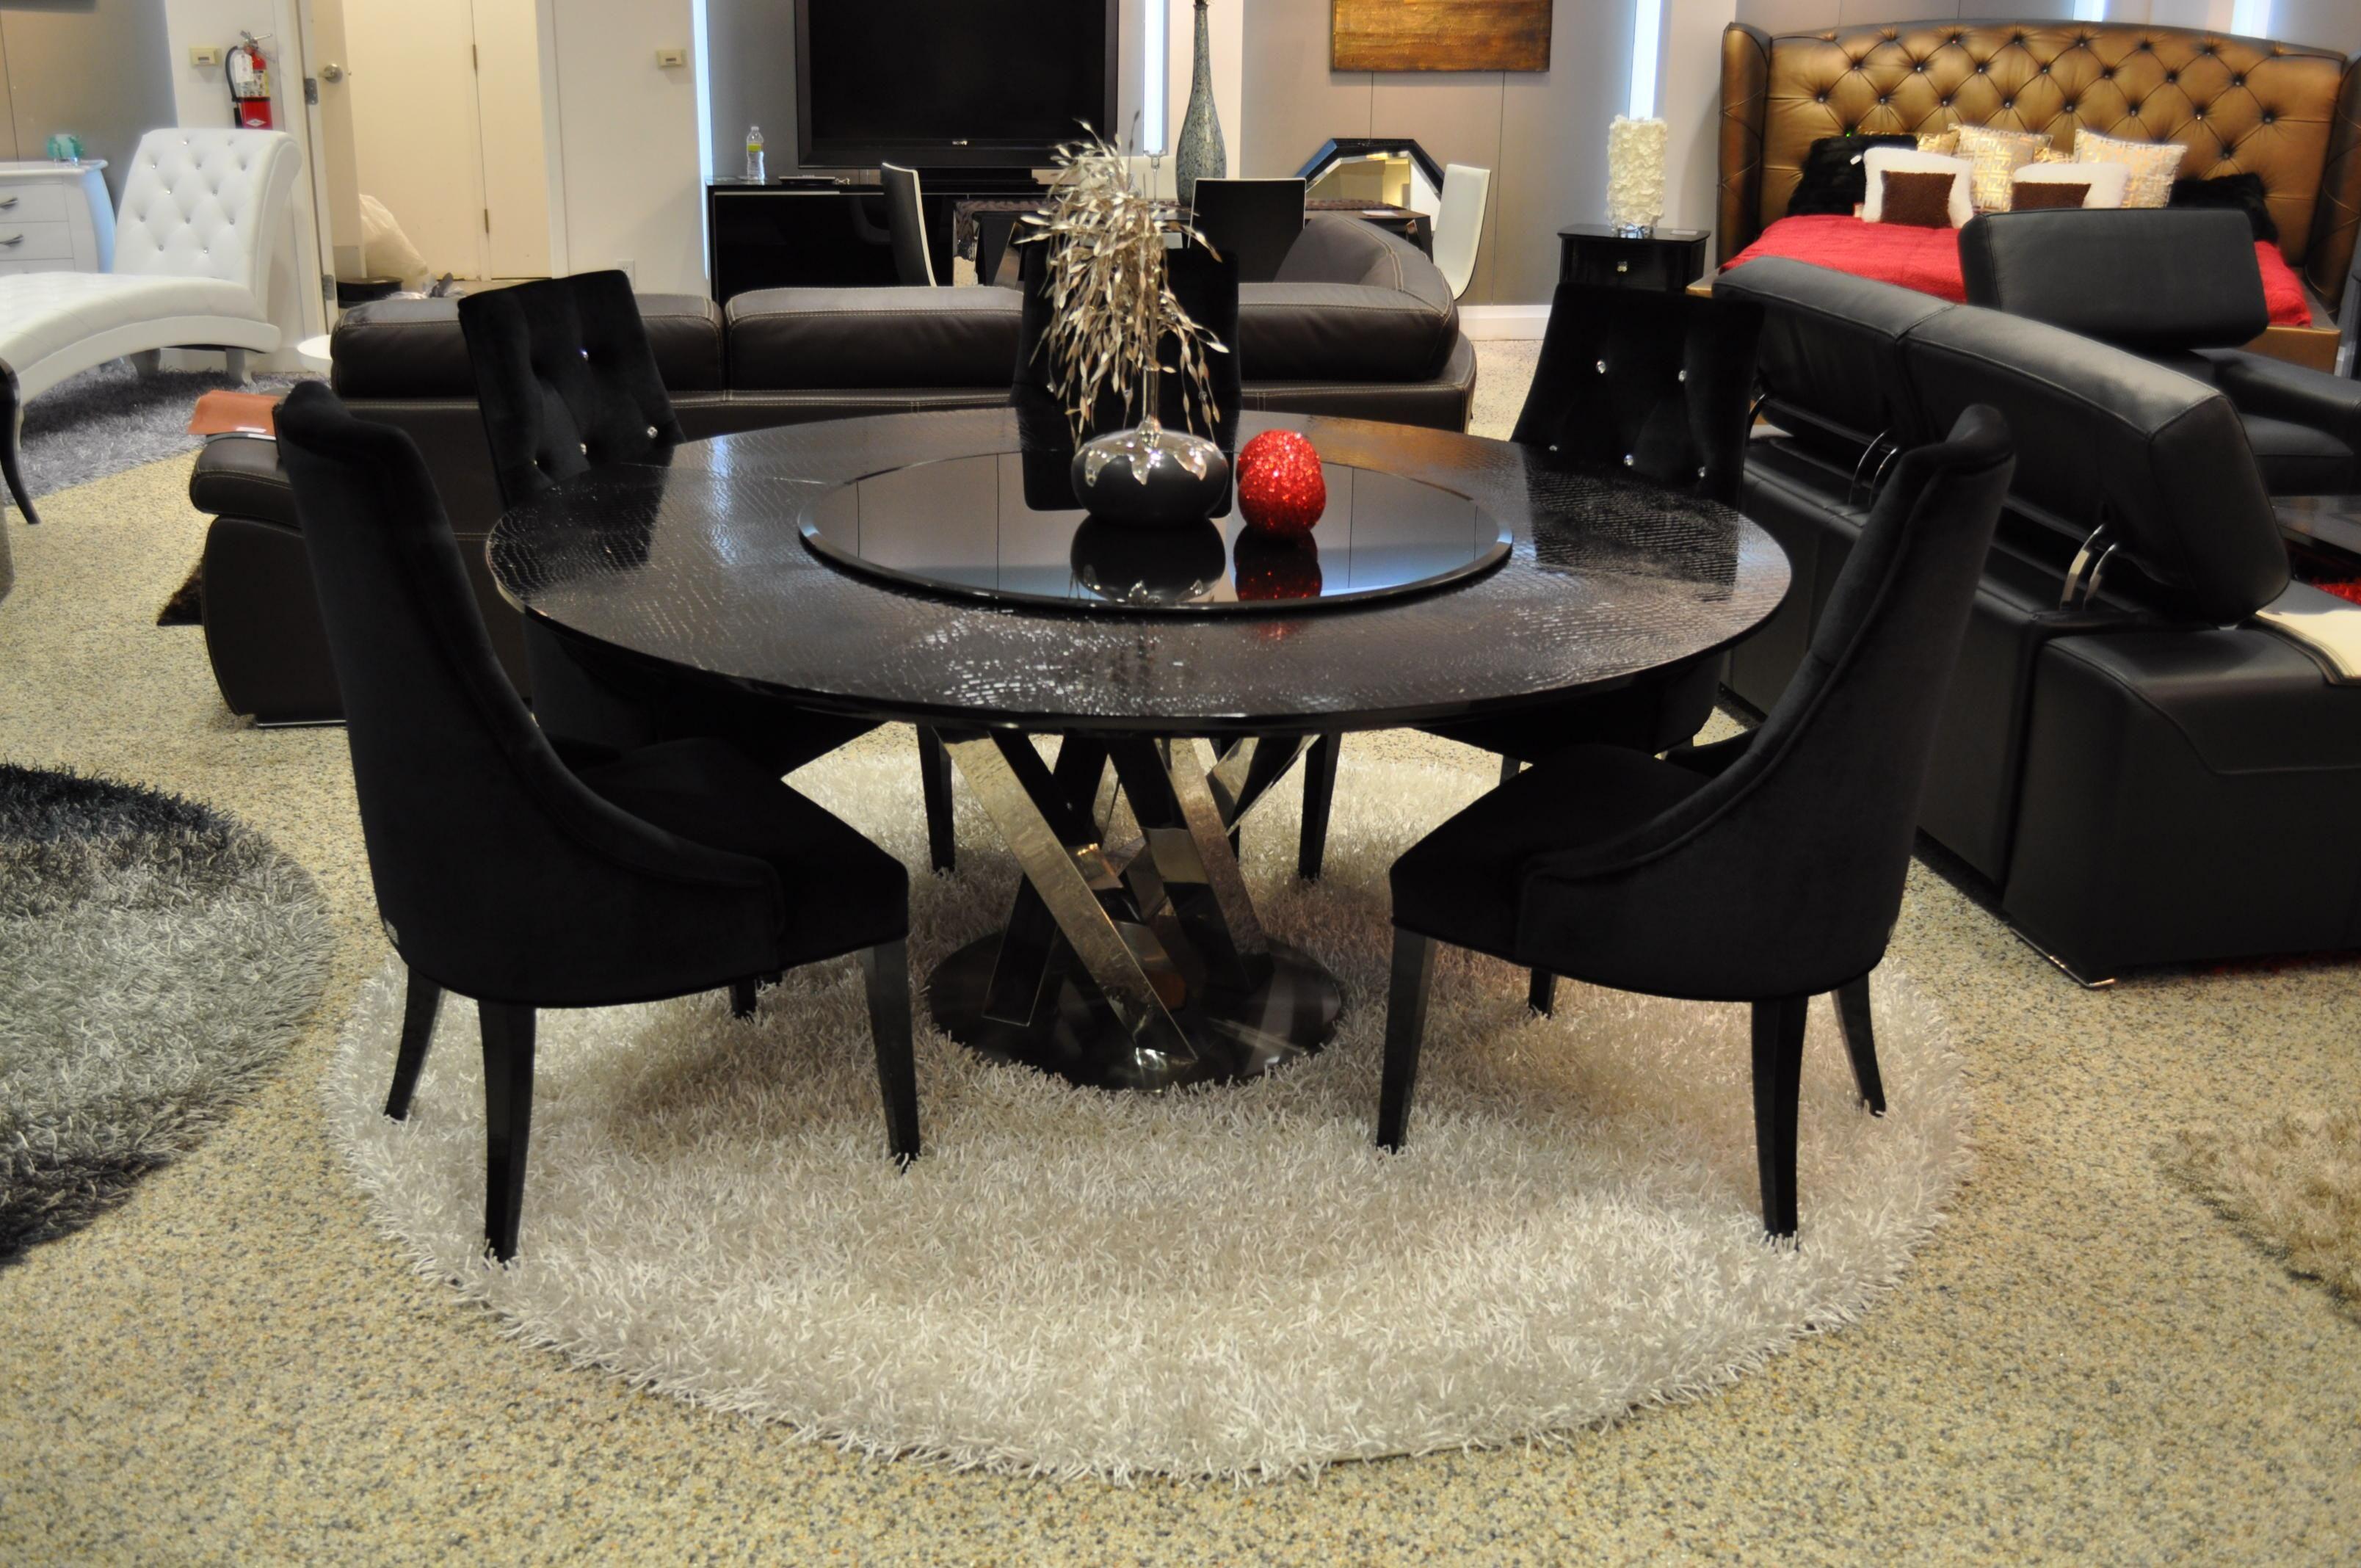 Elegante mesa redonda con centro giratorio textura animal print